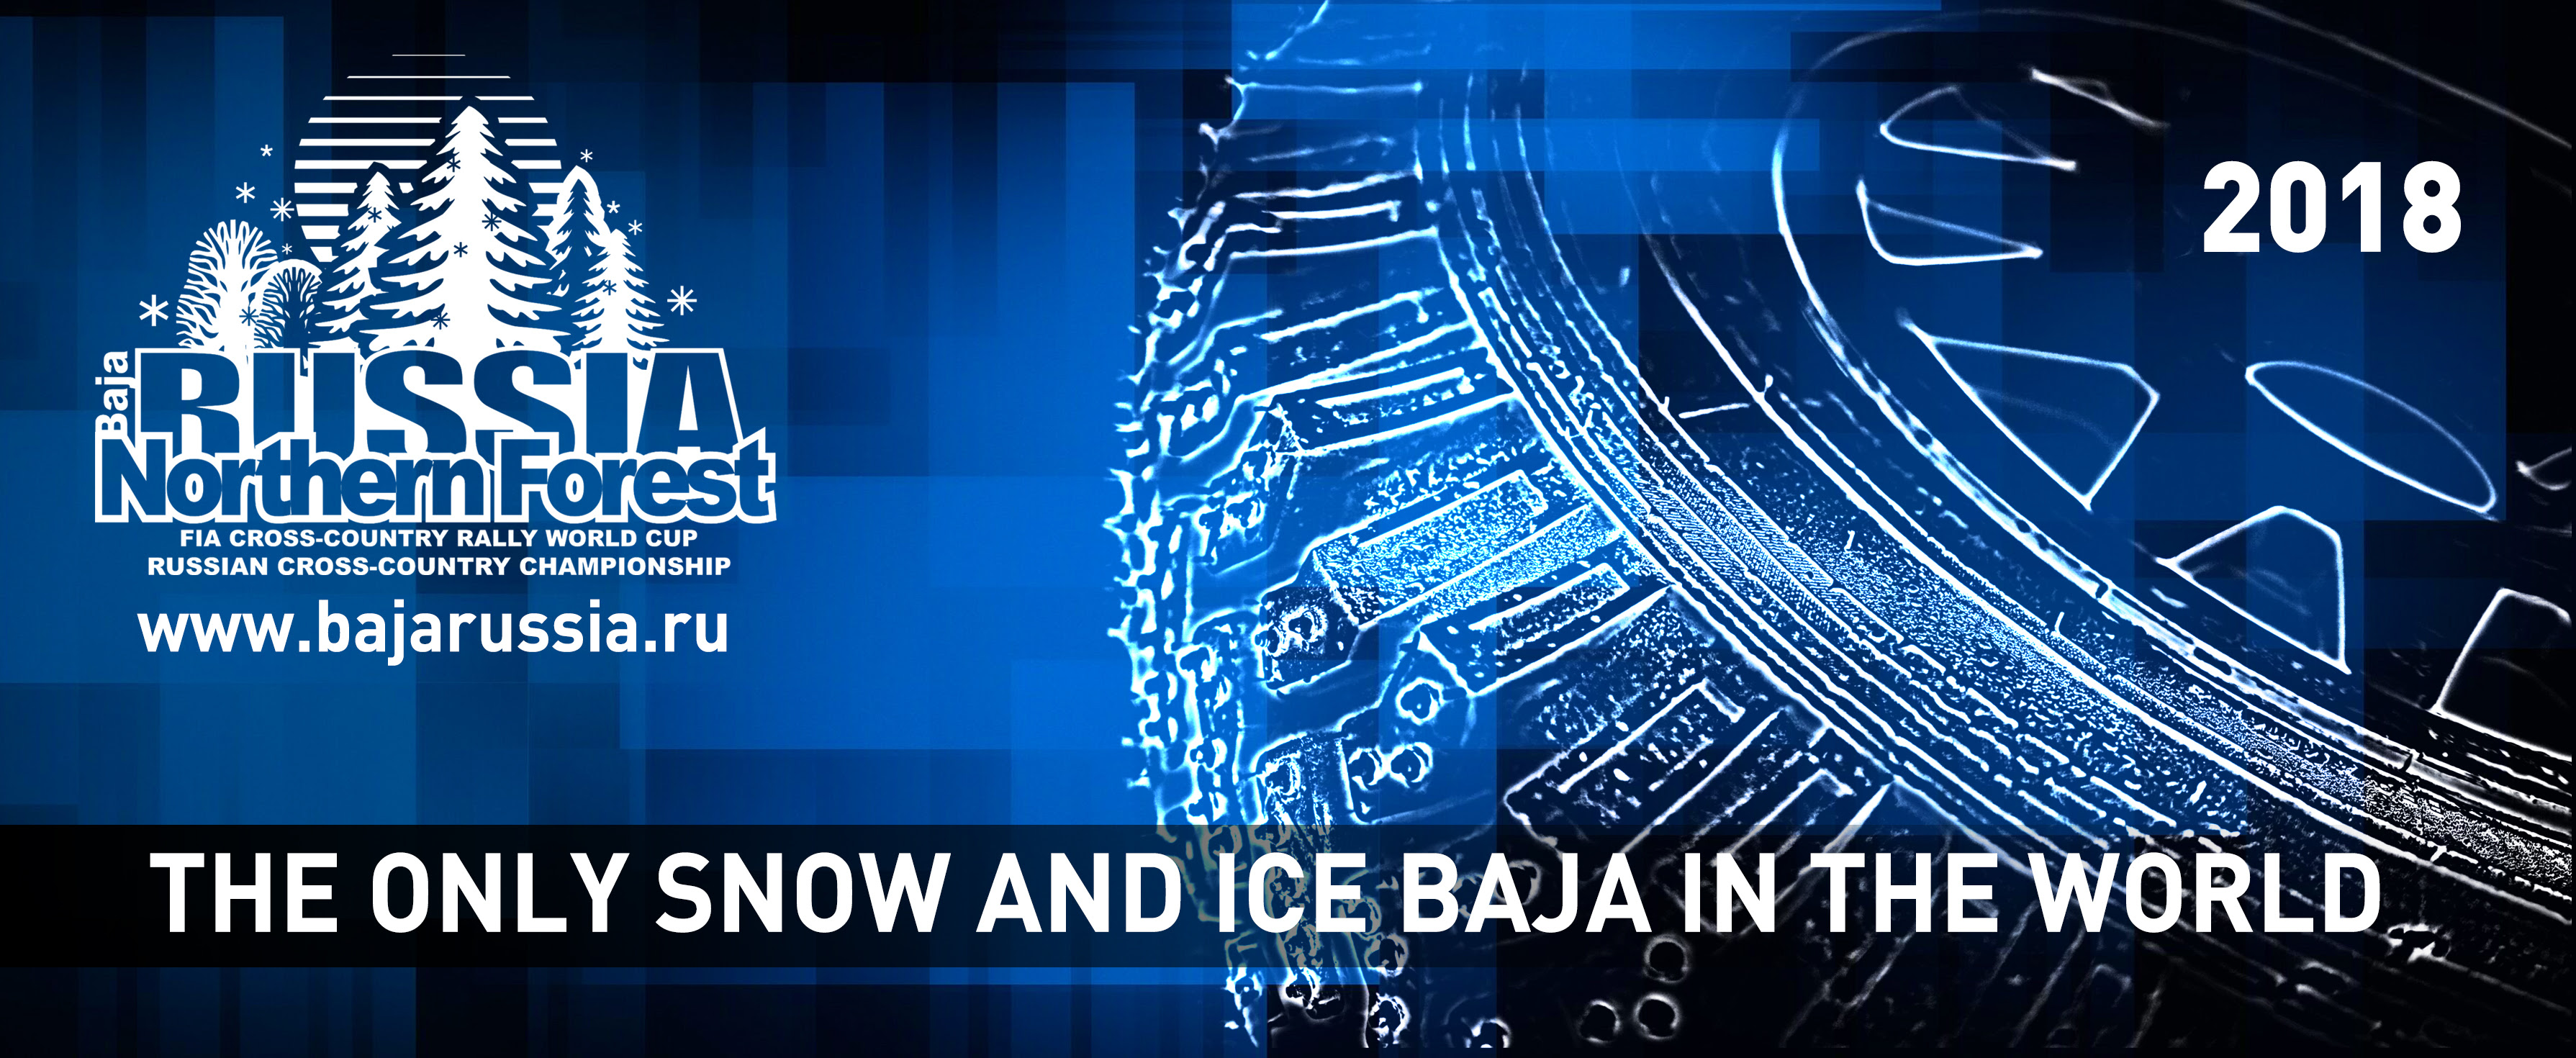 Из жаркой Аргентины в снежную Карелию - борьба за очки в Кубке мира по ралли-рейдам начнется 16 февраля